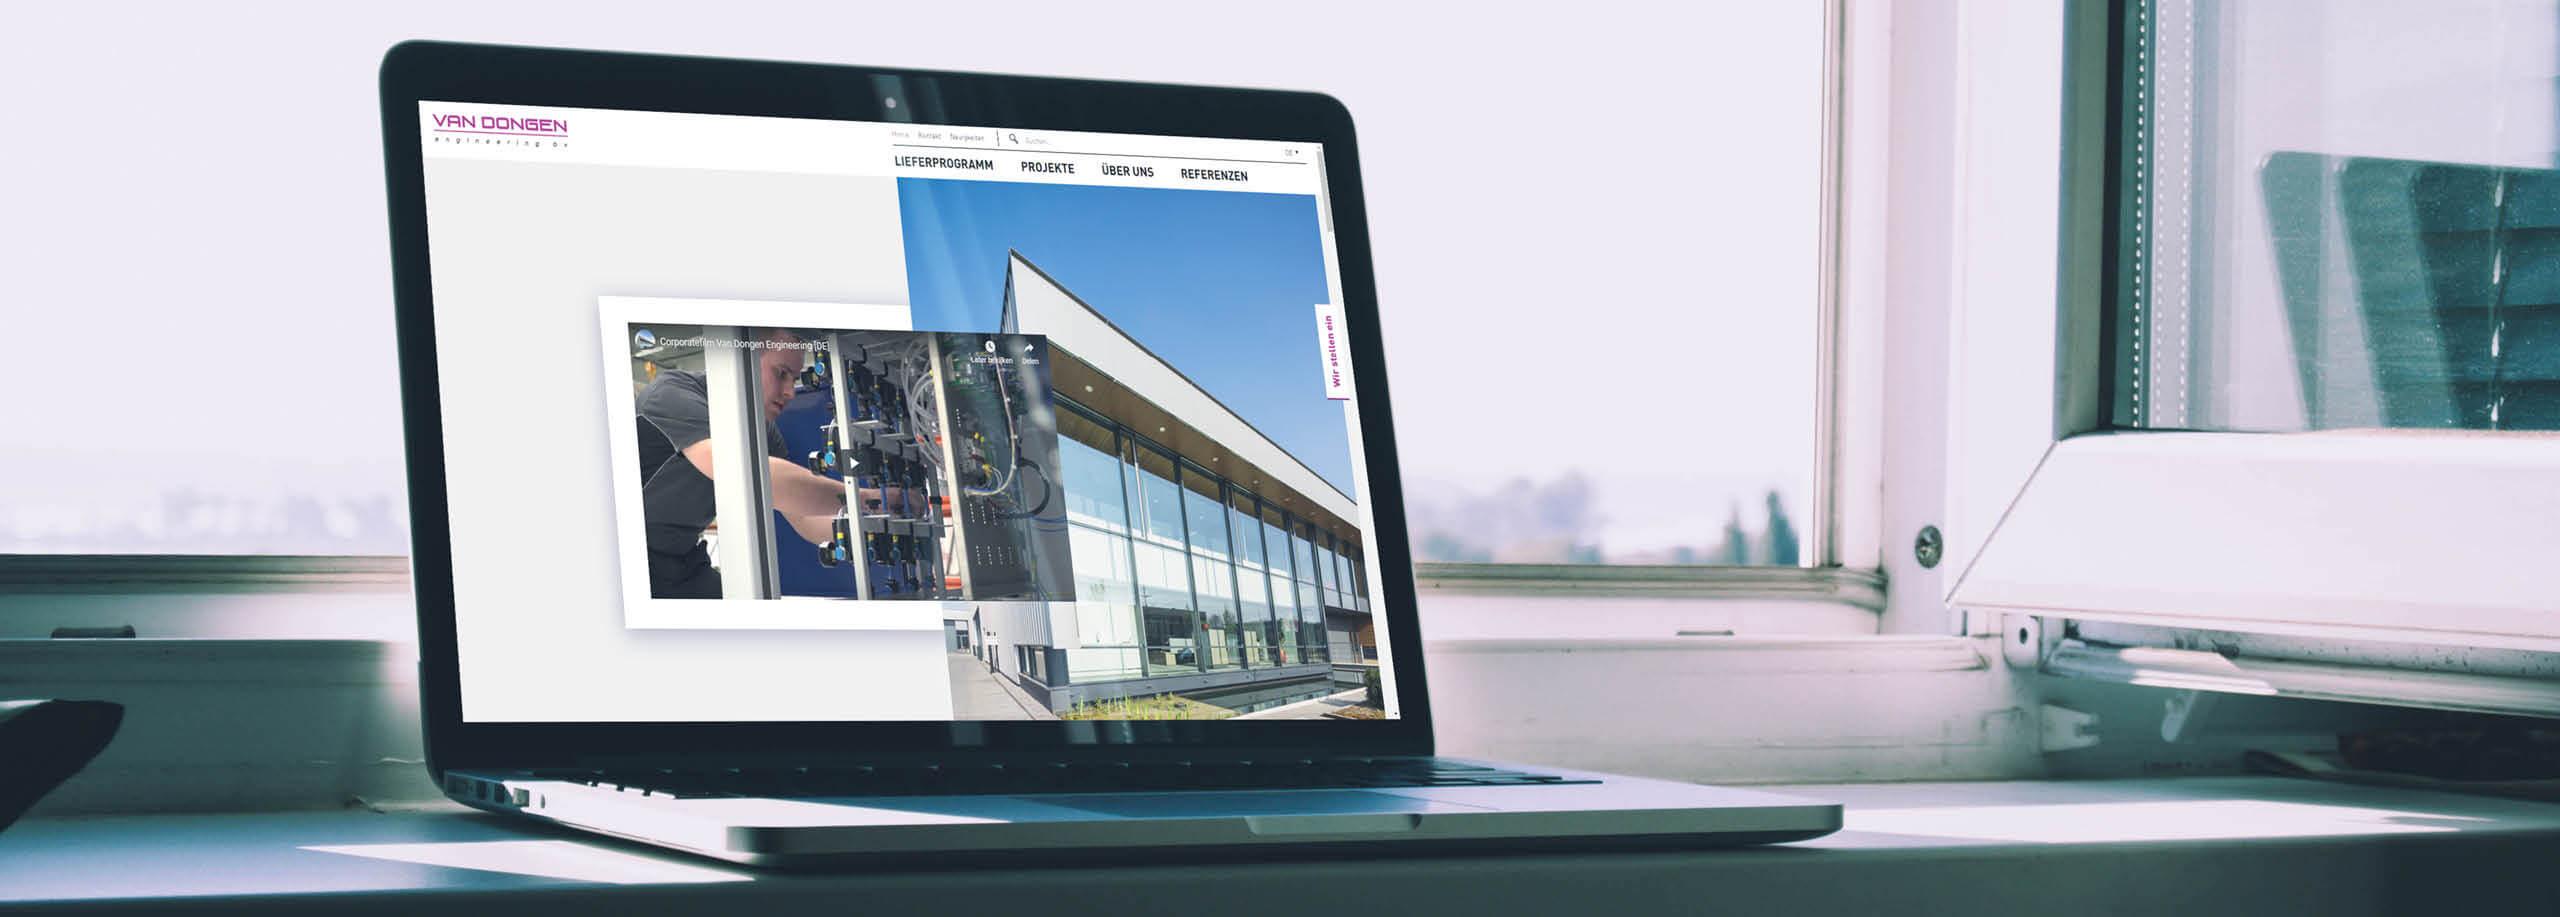 van dongen engineering banner website ontwerp laten maken